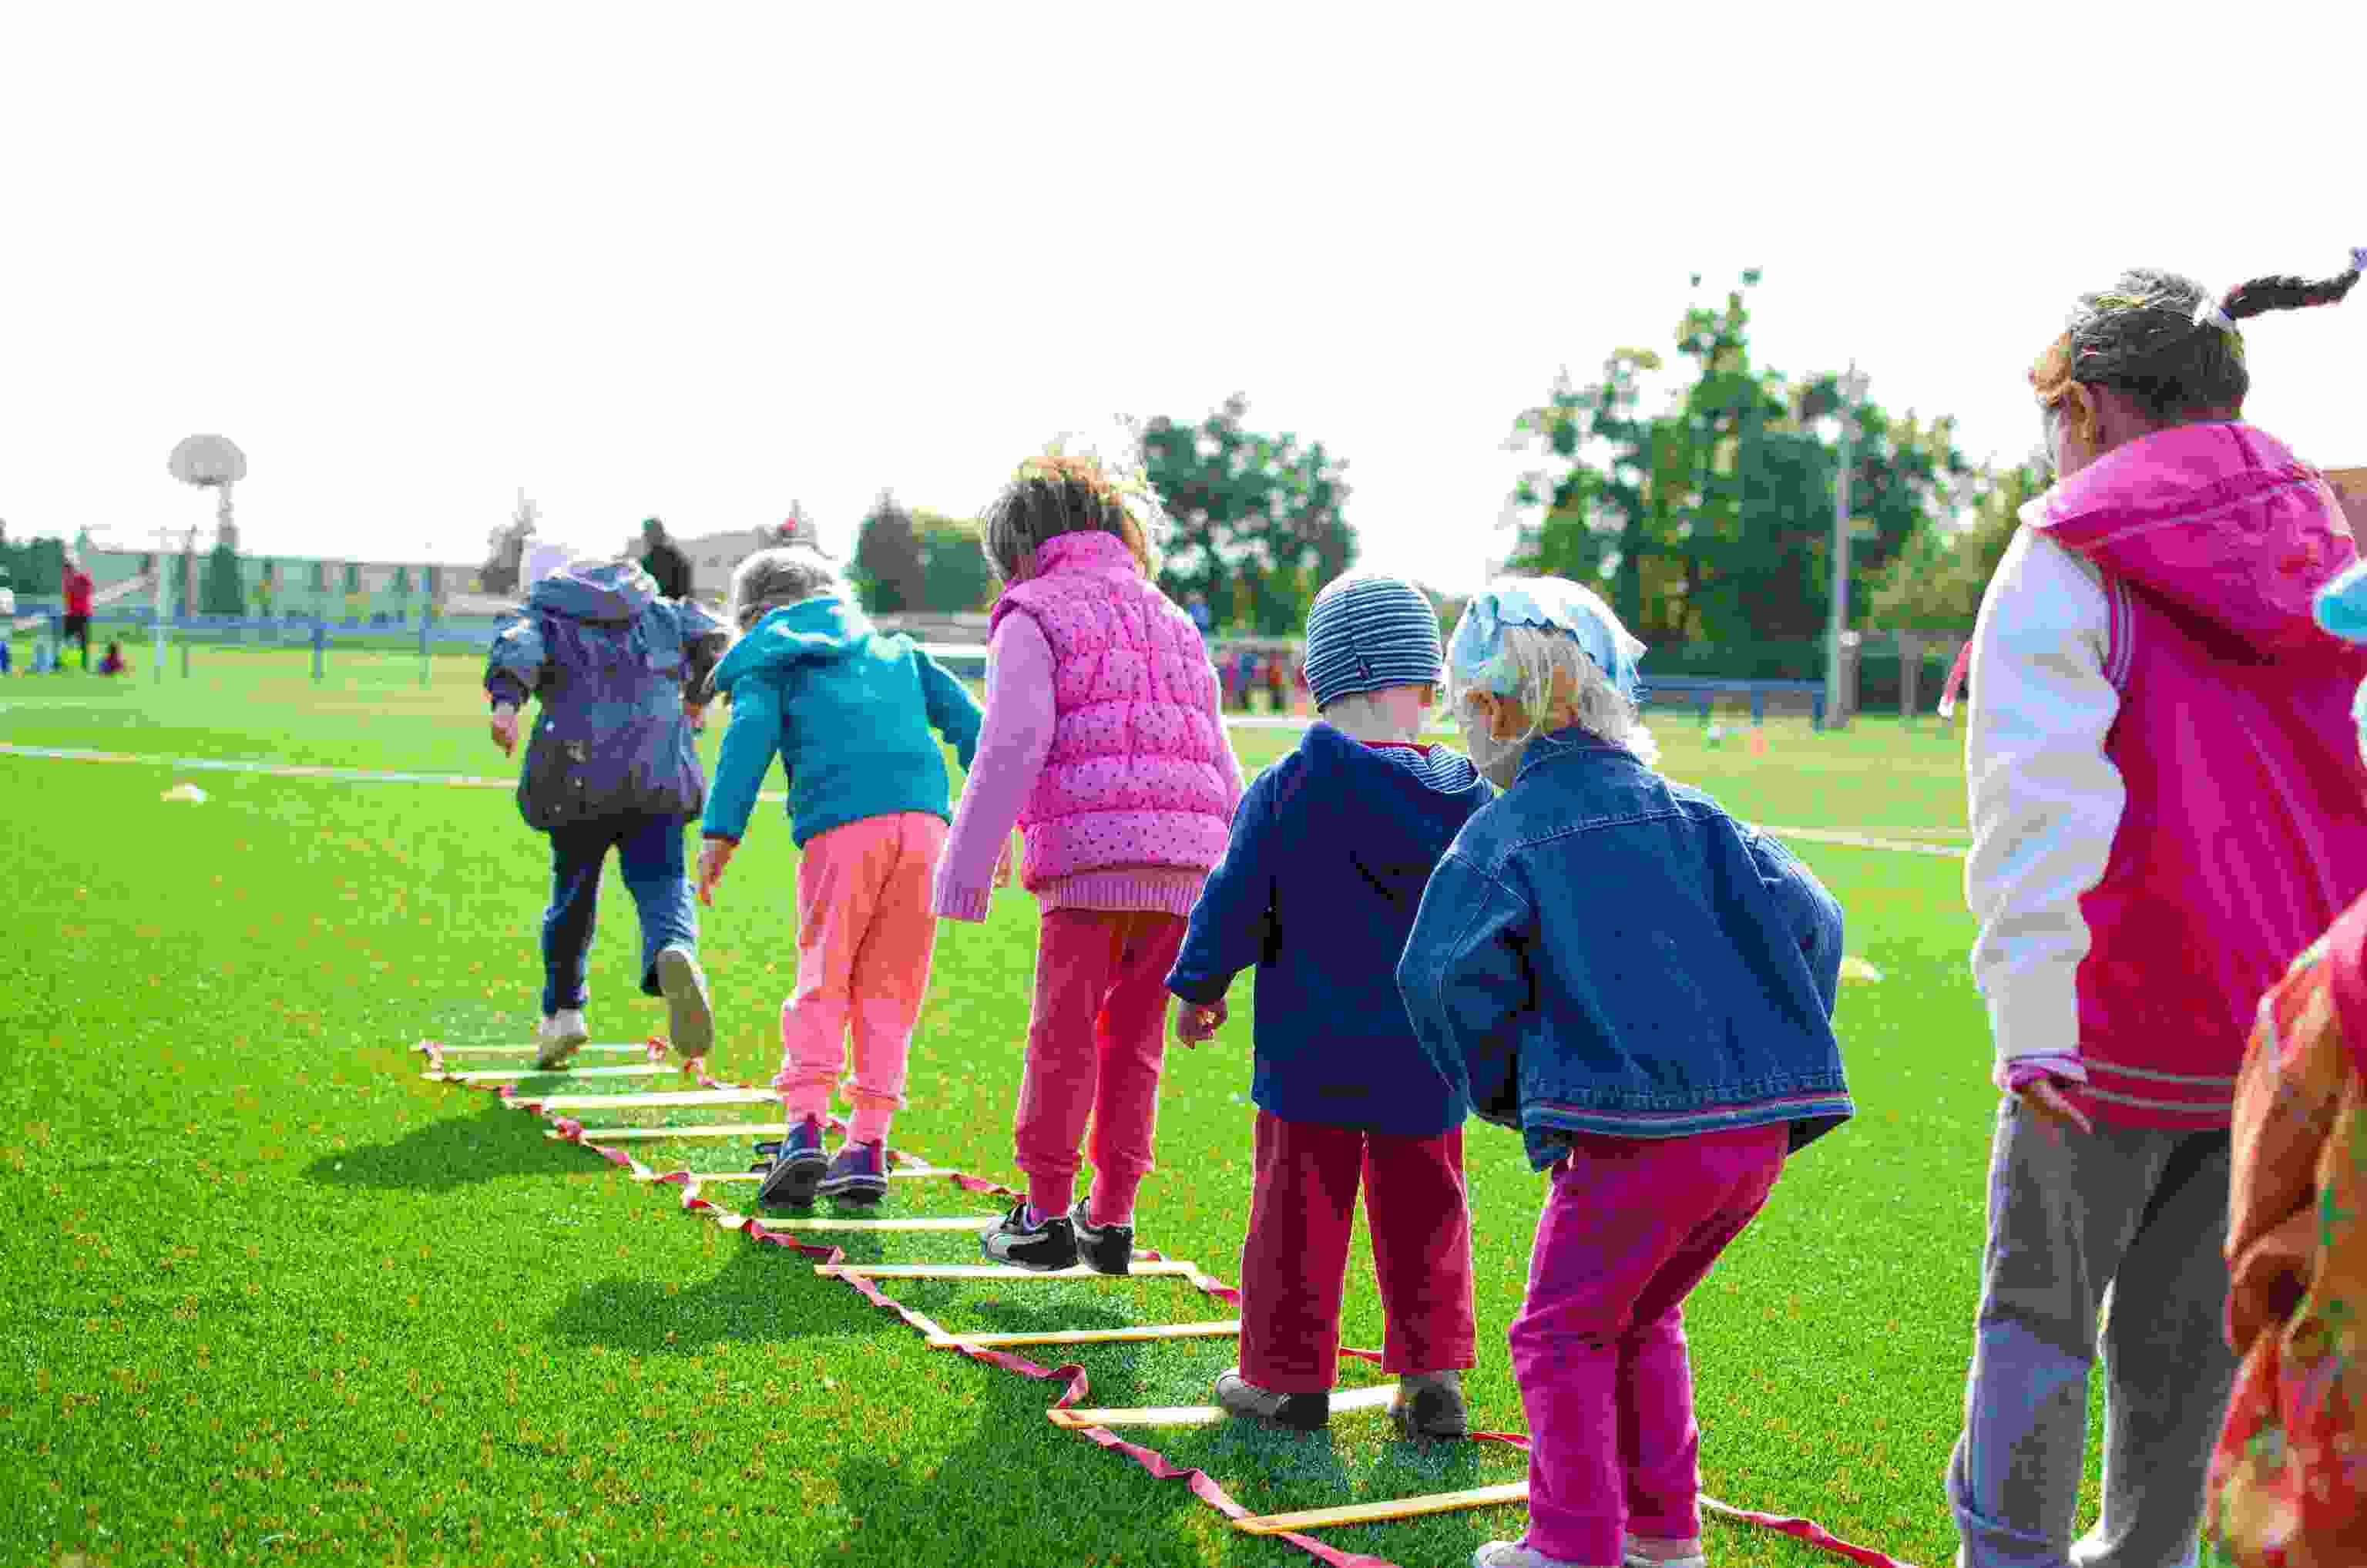 Gambar: Belajar ketika bermain